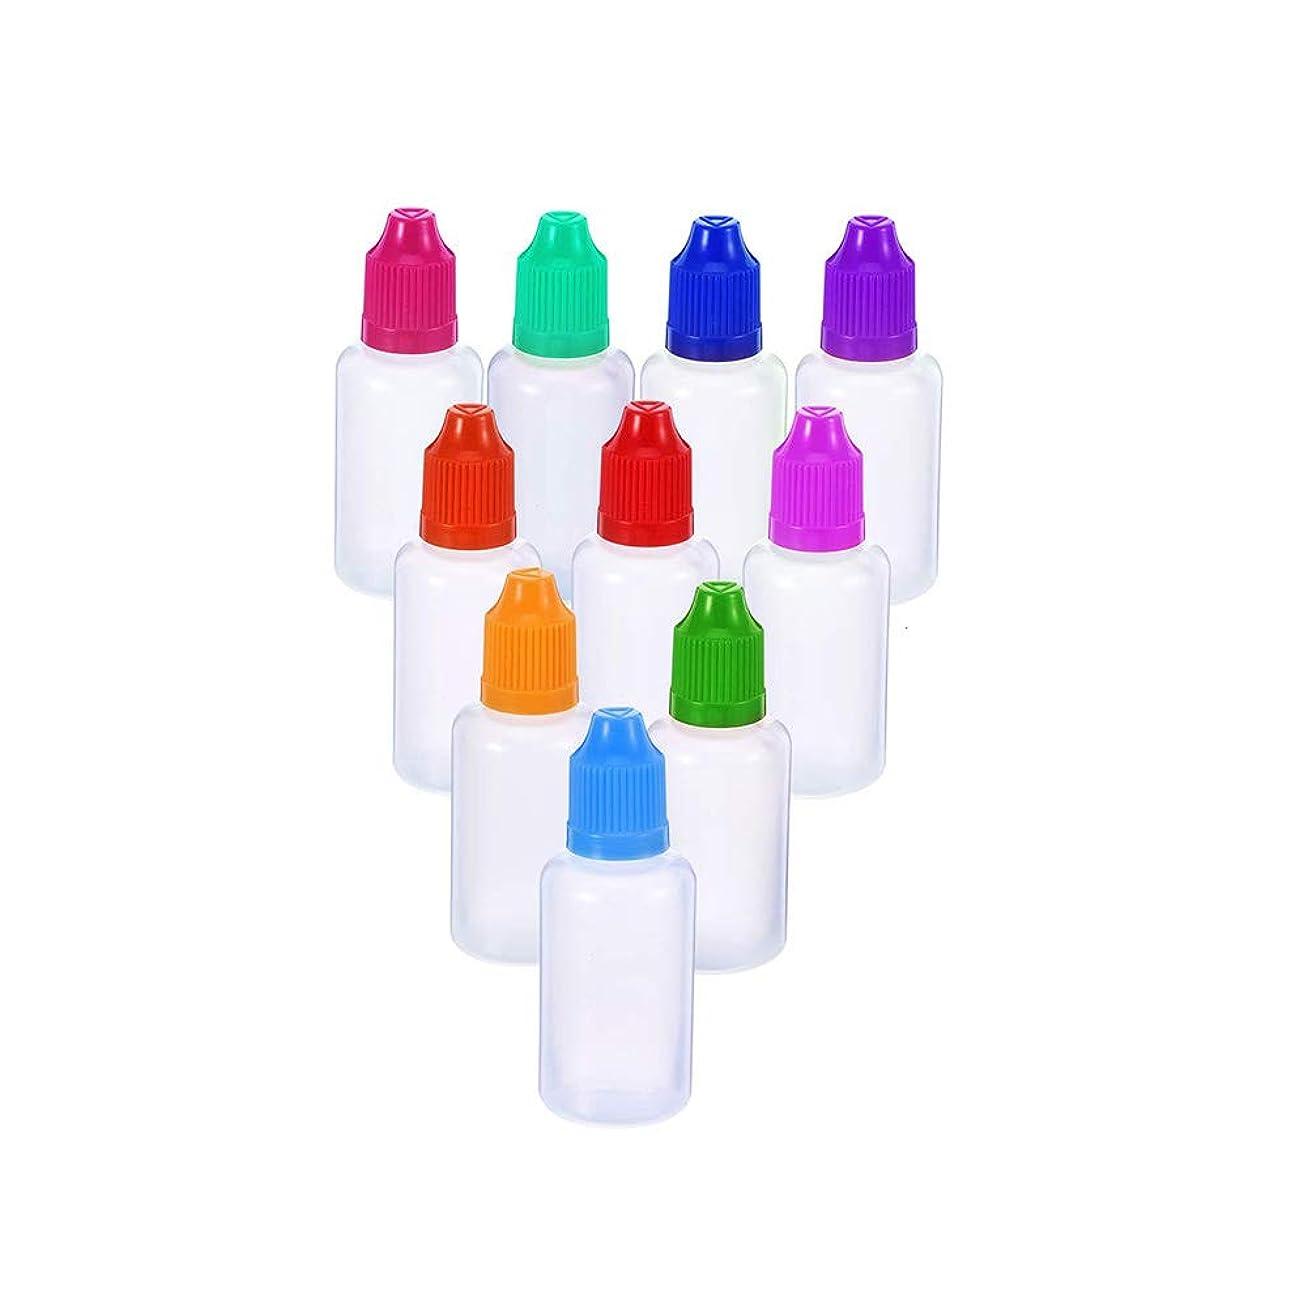 目の前の旋回陰謀PEグルーボトル ドロッパーボトル 点眼 液体 貯蔵用 滴瓶 プラスチック製 10個 (10ml) 半透明 /5色 (色はランダム)